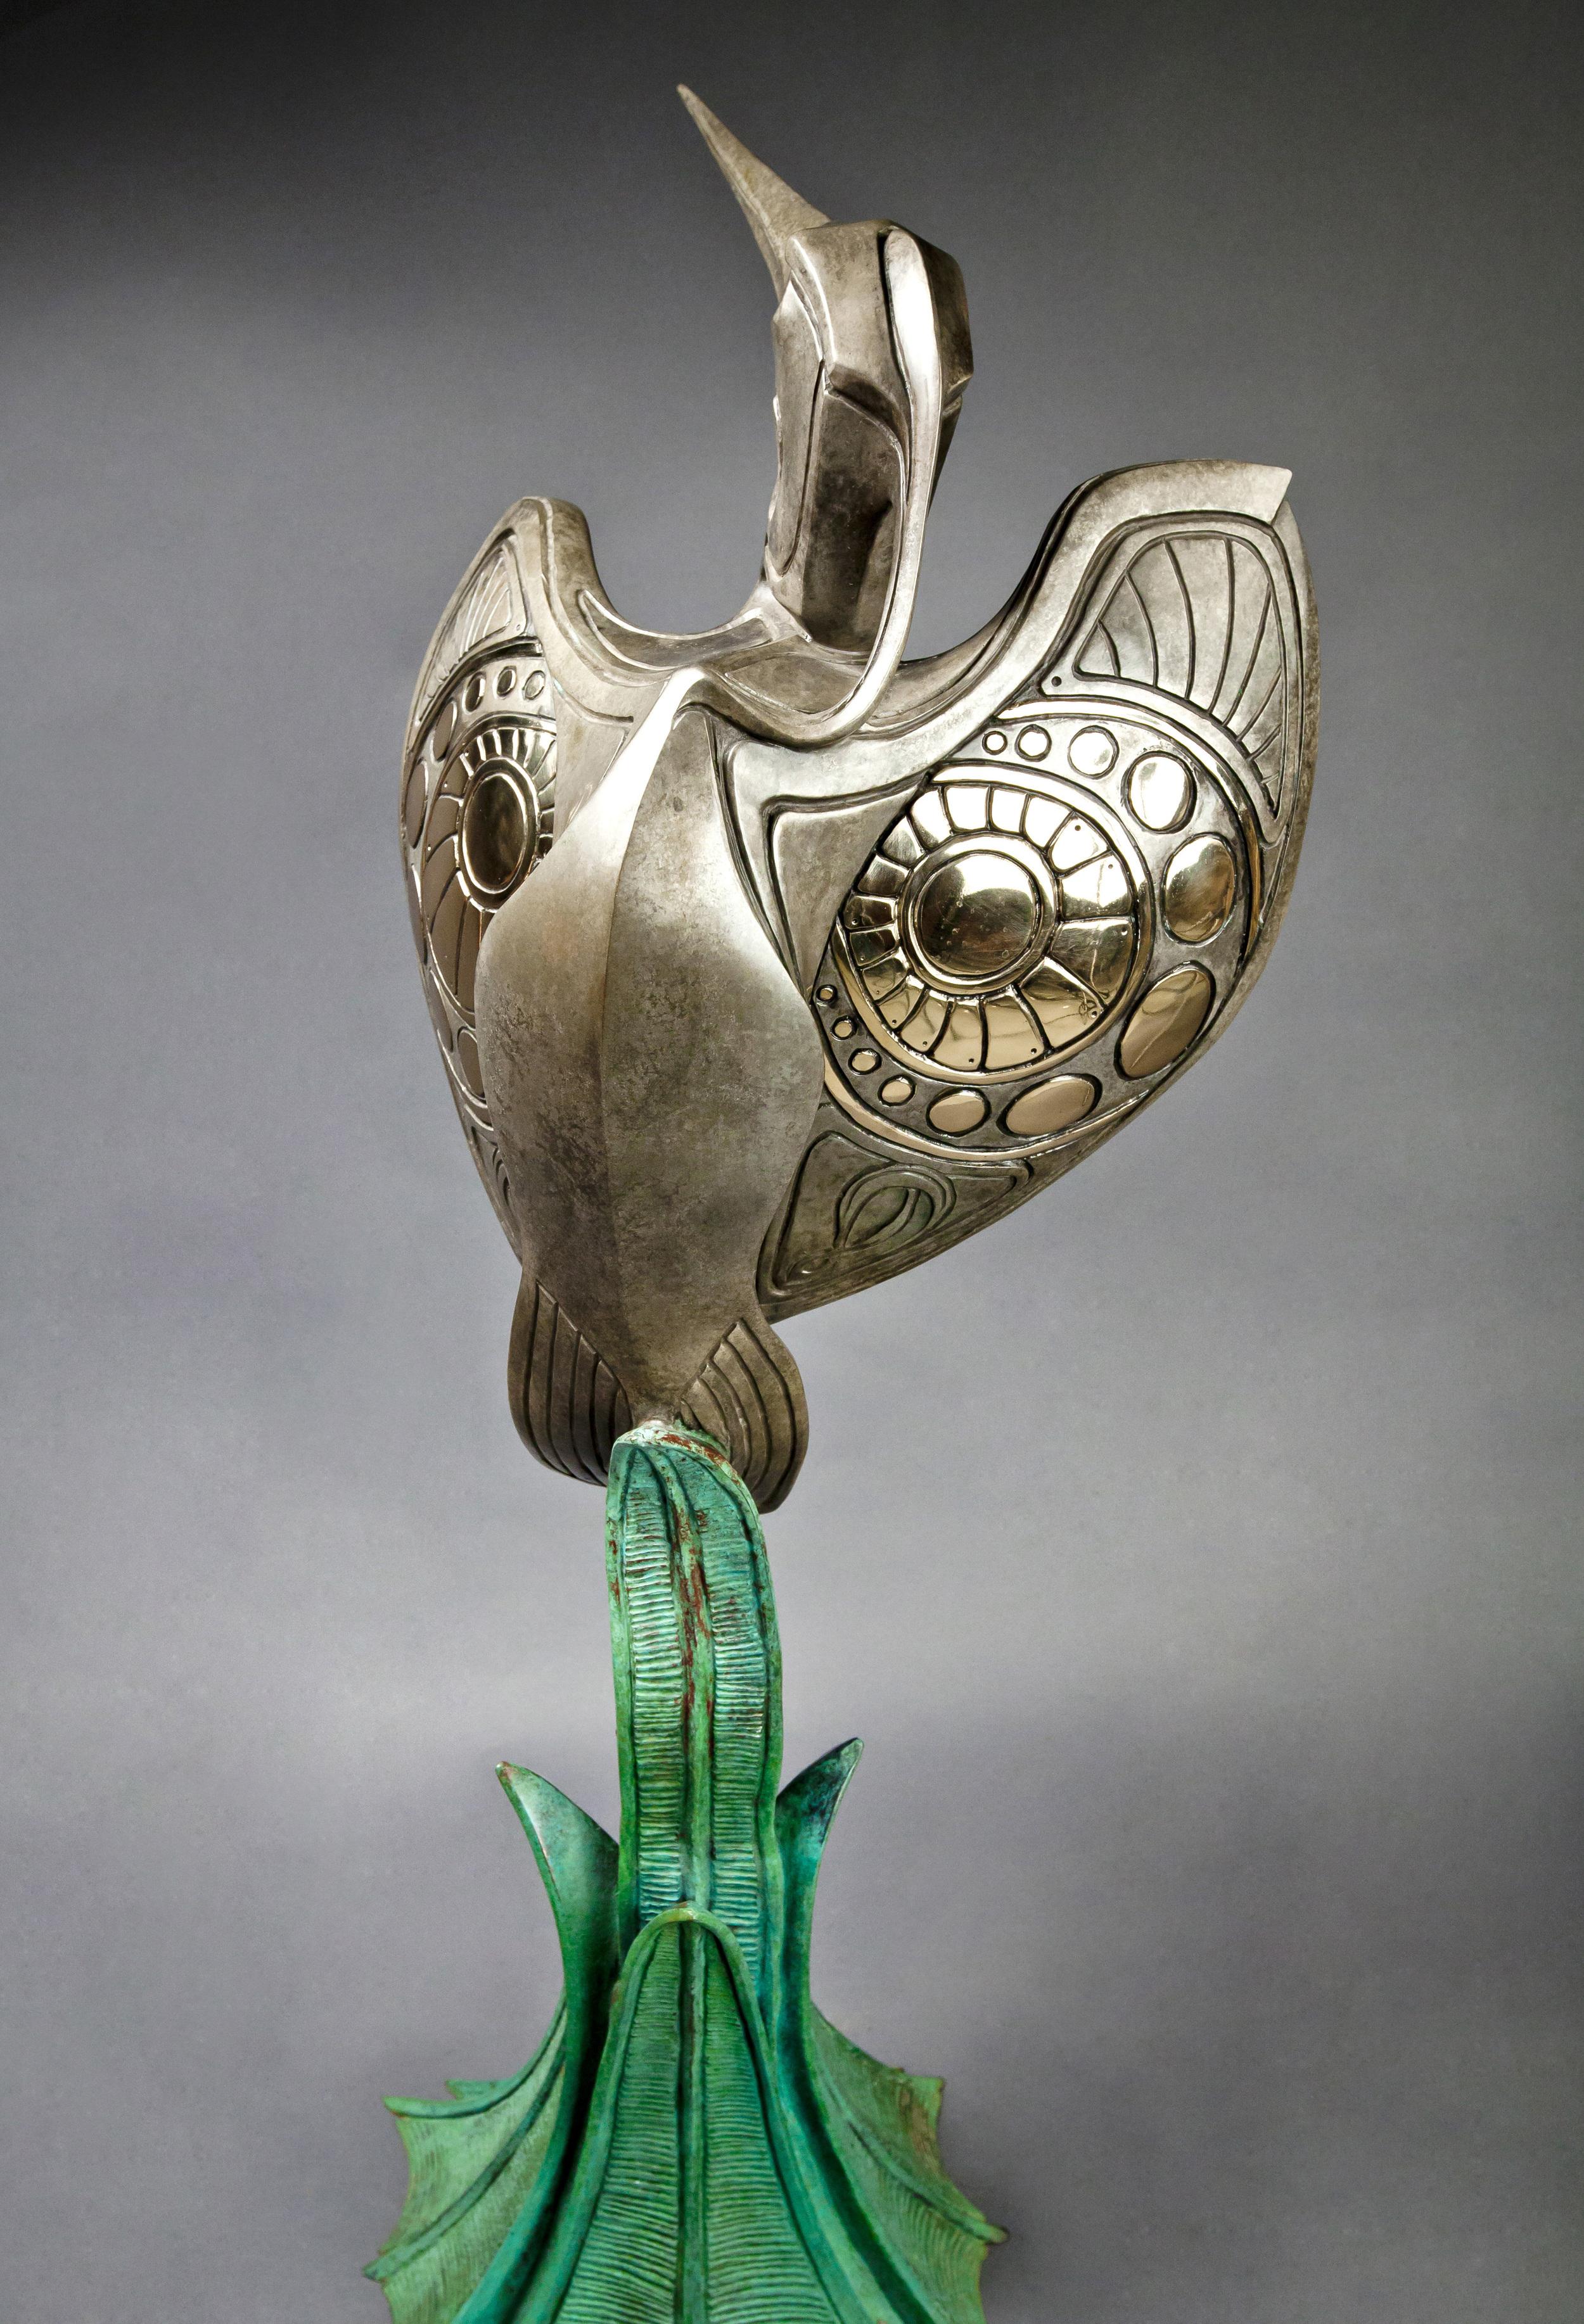 Bronze-Heron-by-John-Maisano-3.jpg